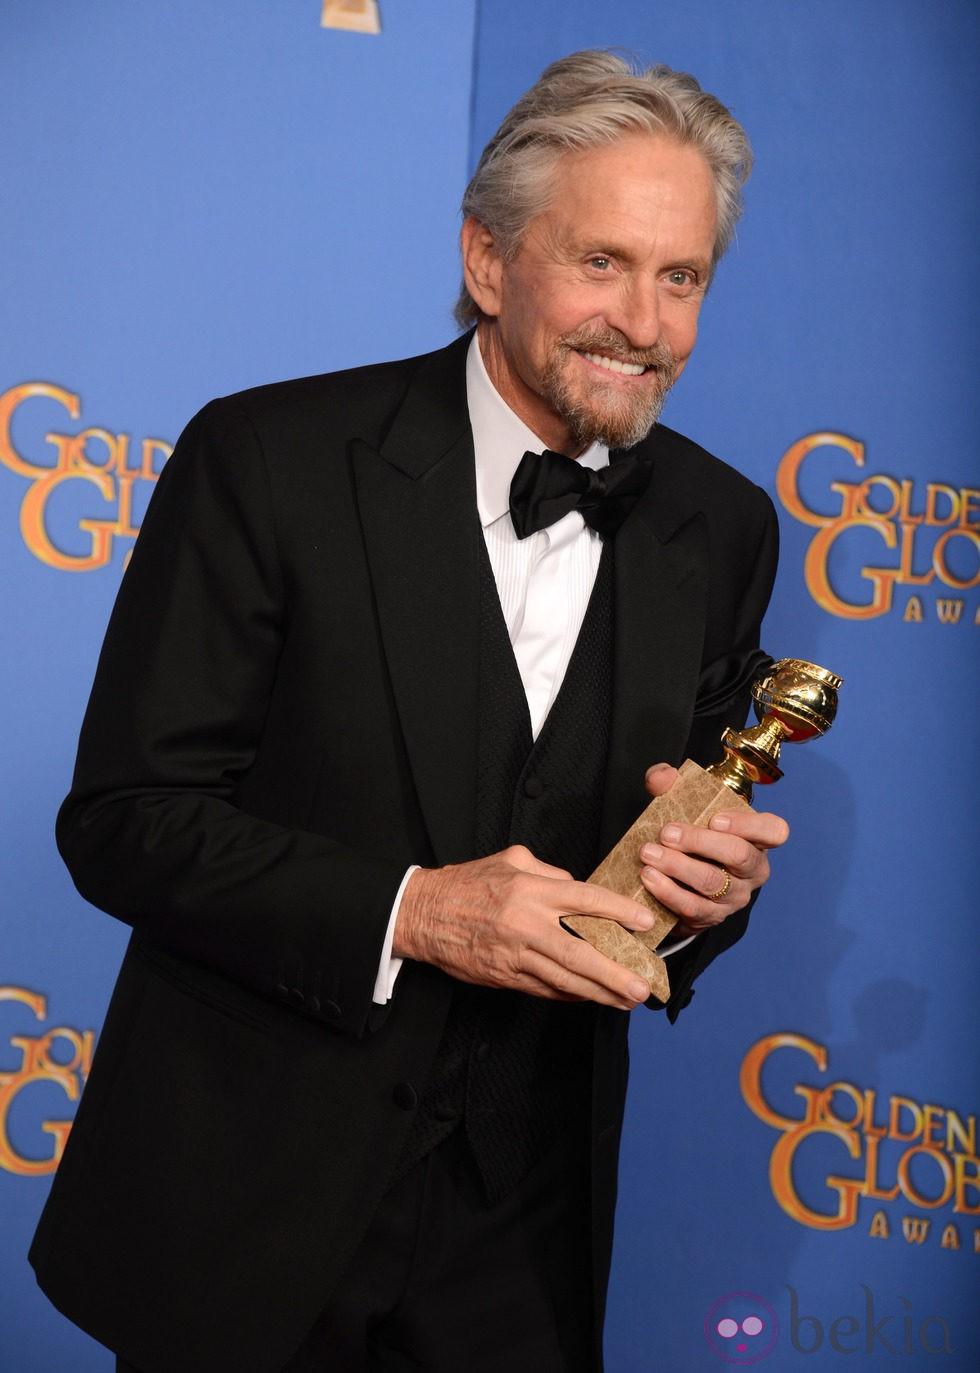 Michael Douglas, mejor actor de una miniserie en los Globos de Oro 2014